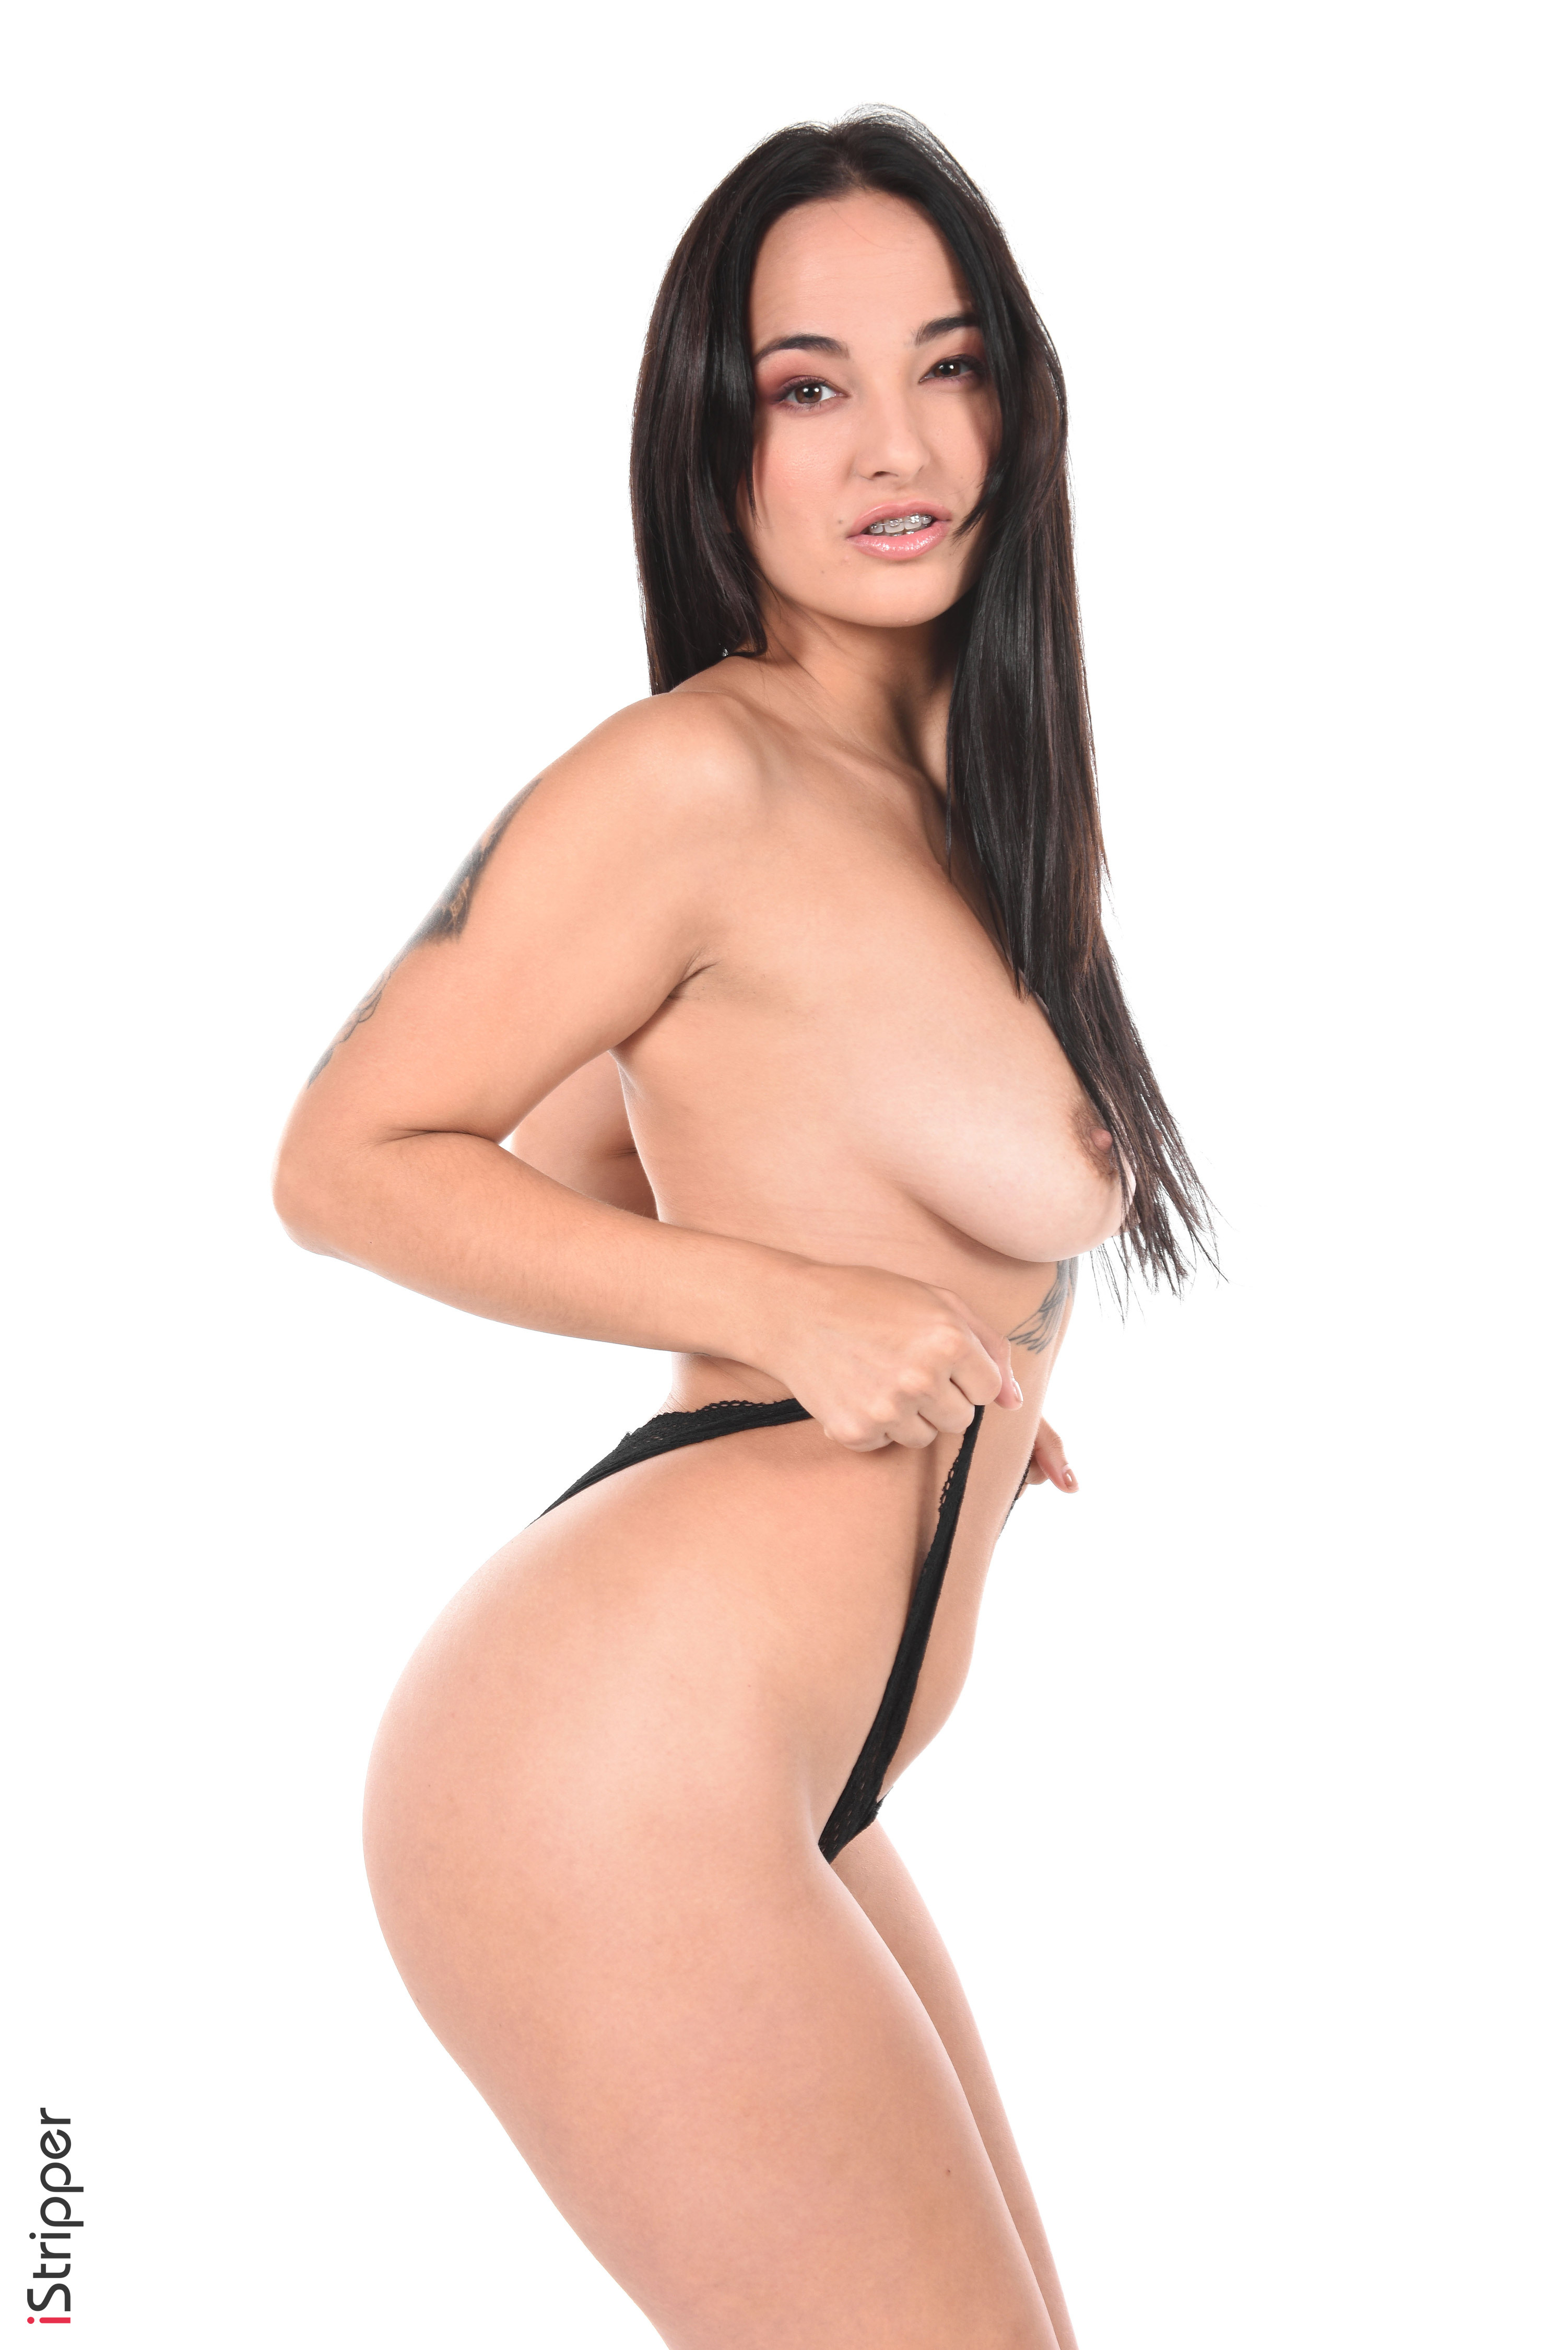 eroticwalls.com